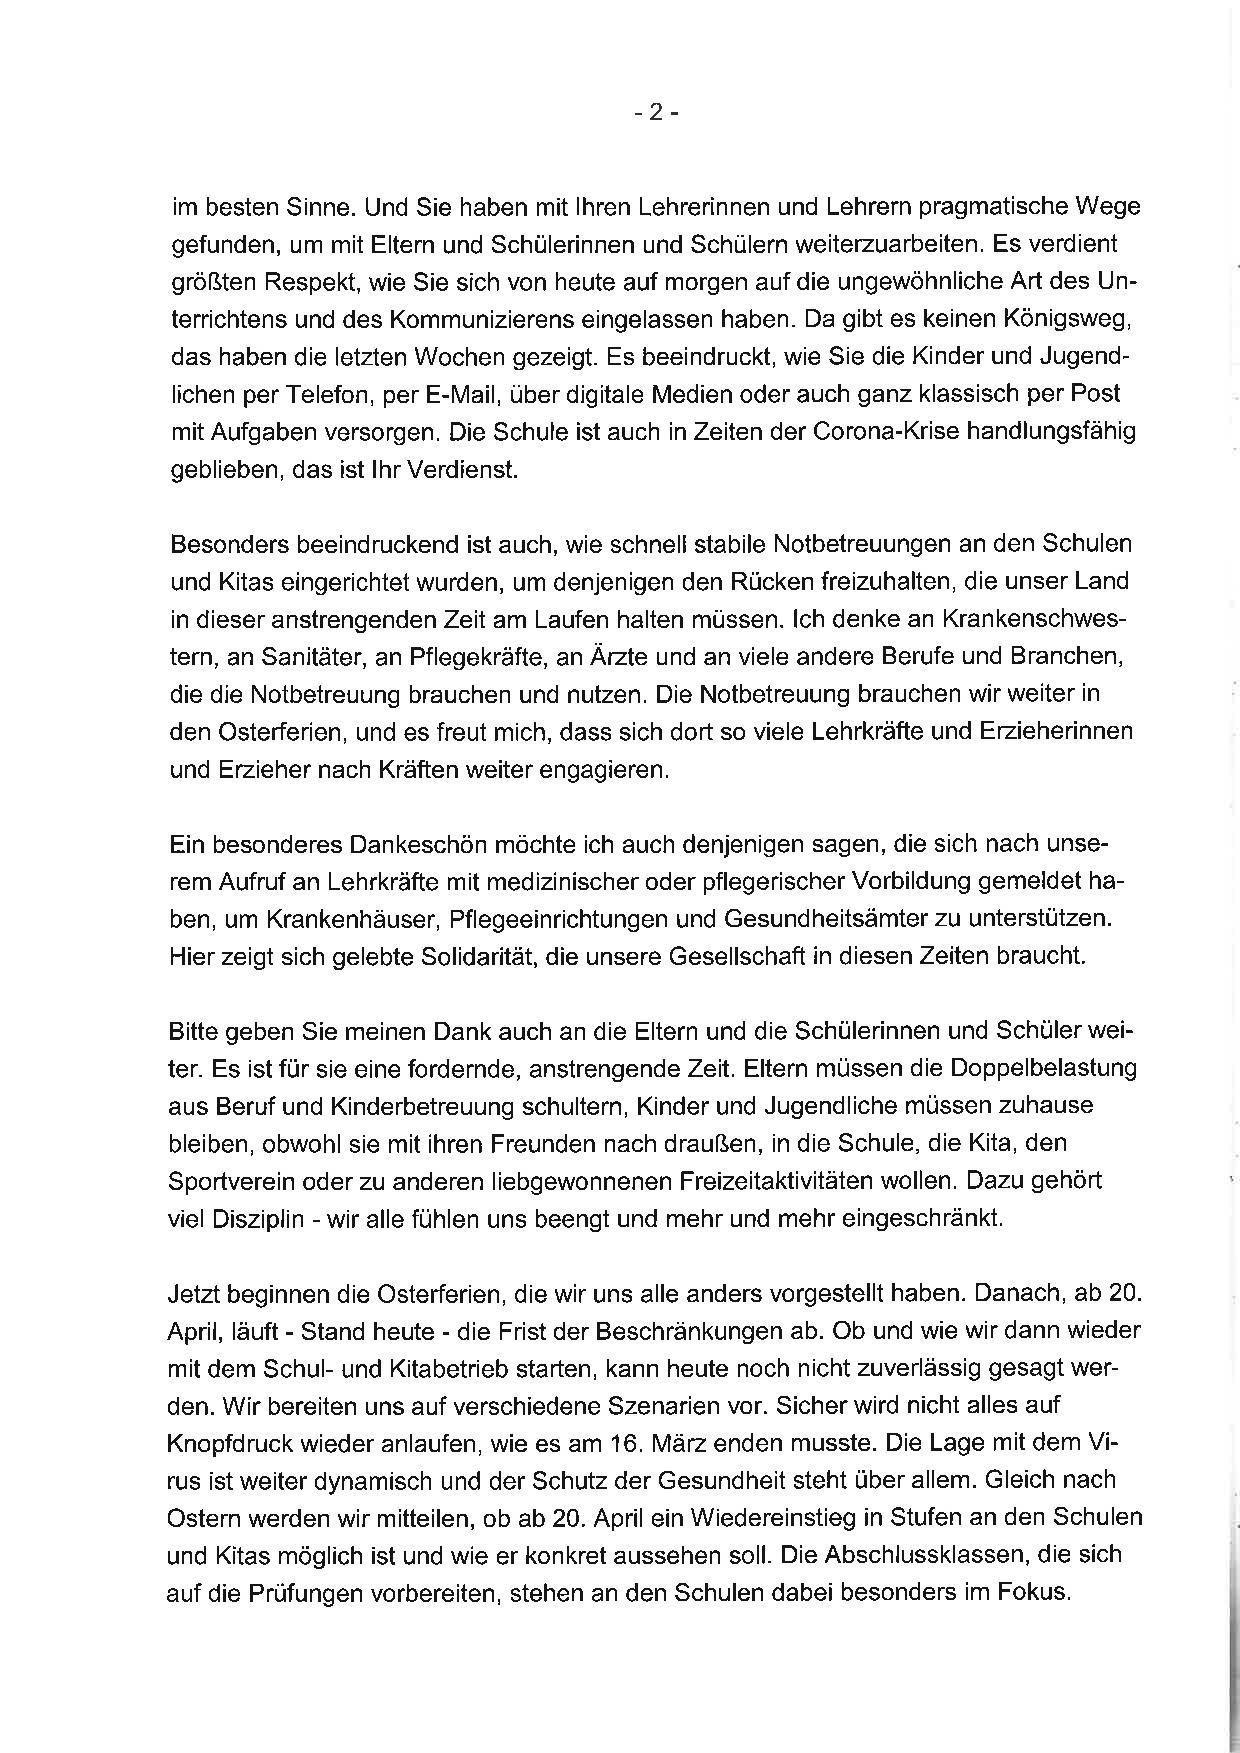 2020_04_06_Schreiben_Ministerin_Auftakt_Osterferien-002